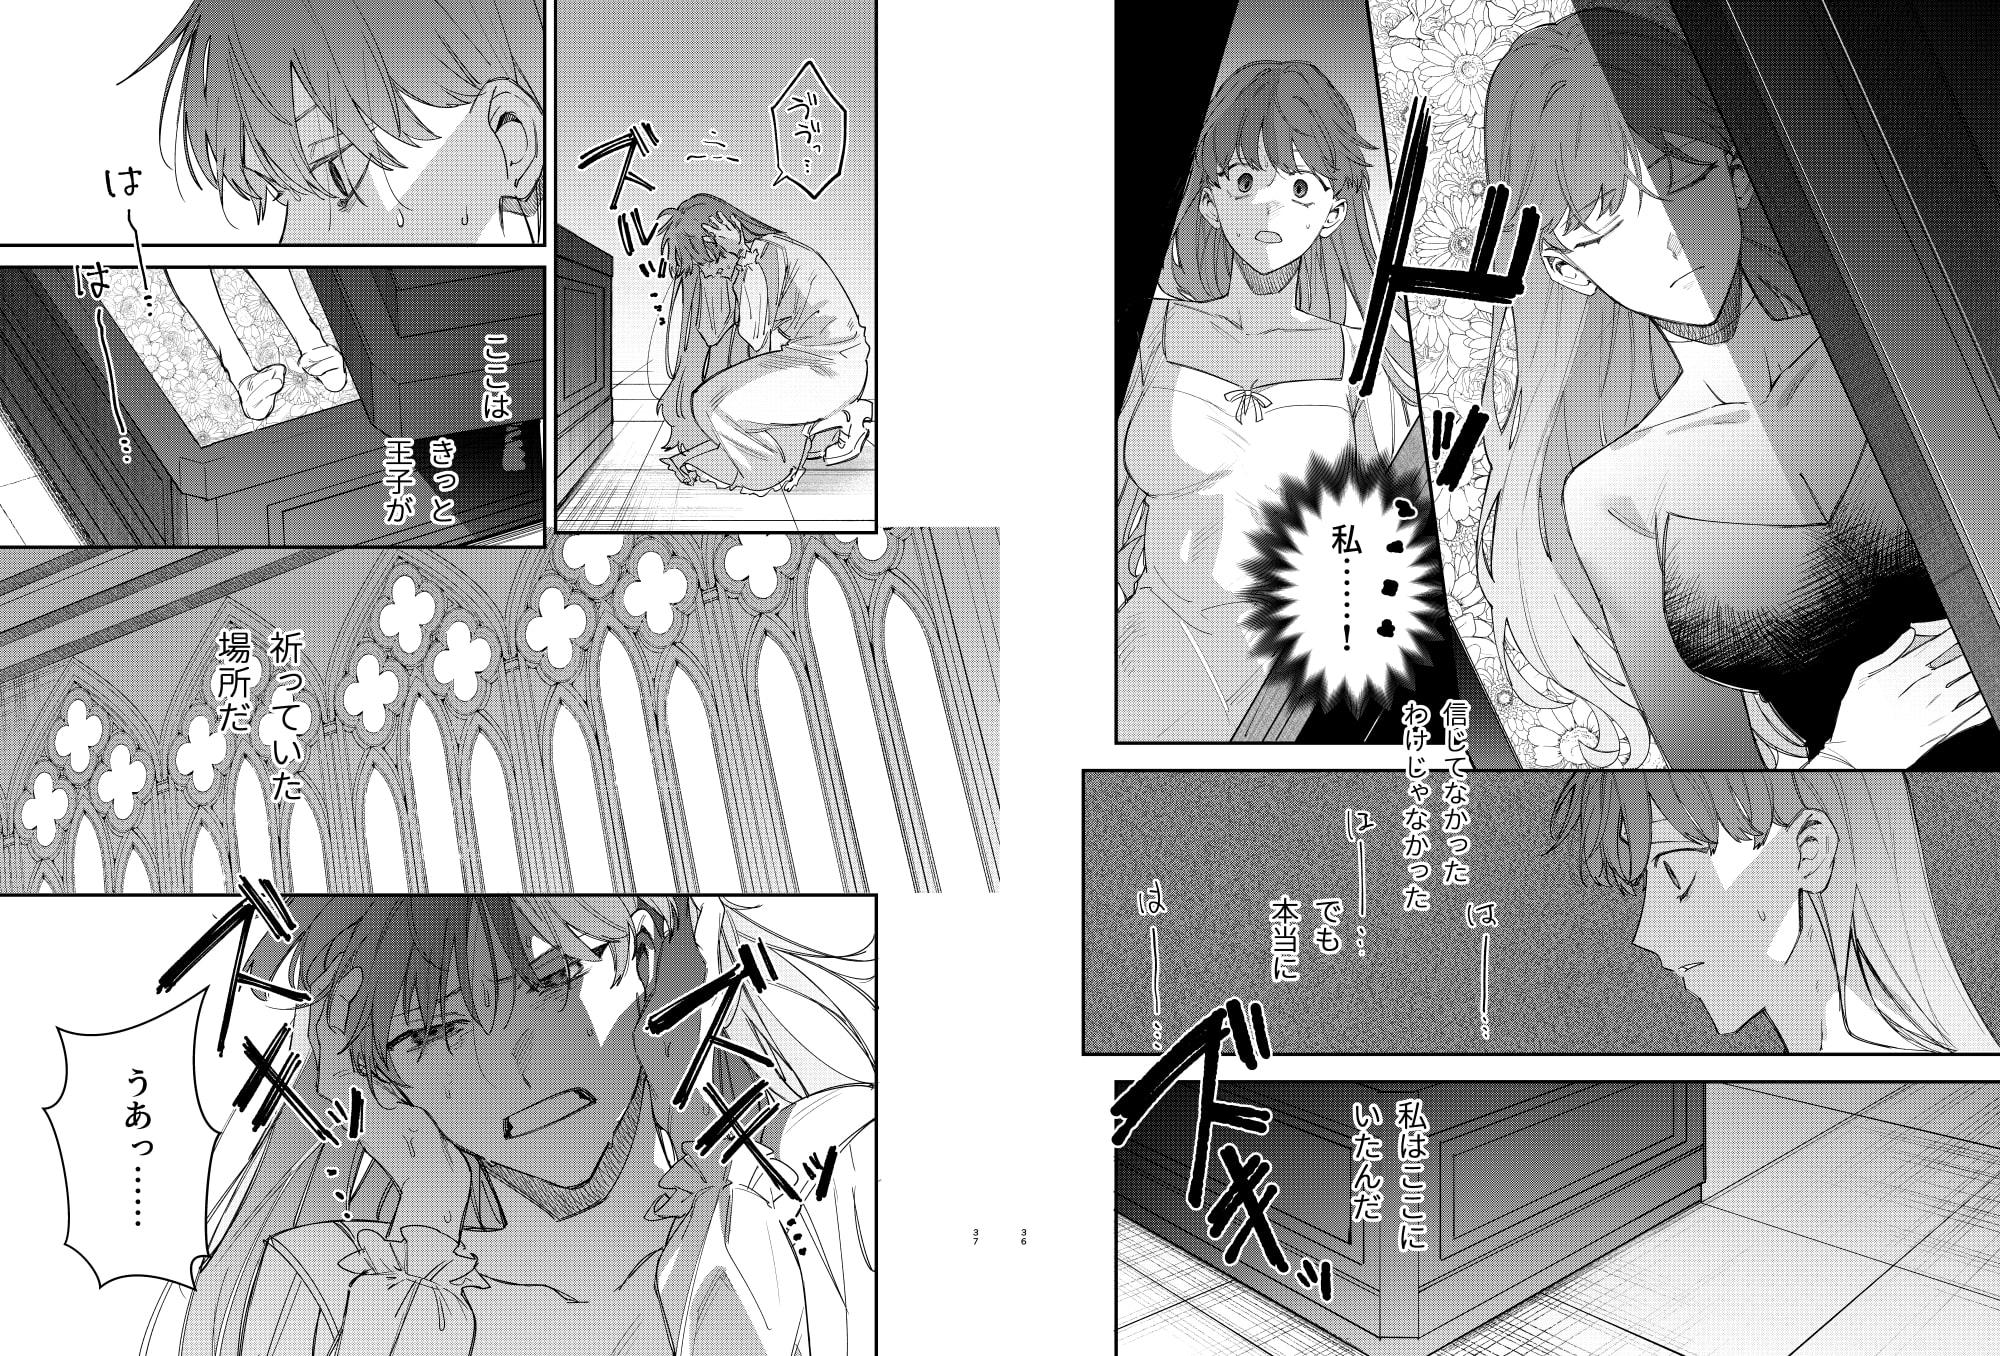 【エロ漫画】ヤンデレ王子が社畜女の私を離さない2「サークル:梅ねぎ大明神」【同人誌・コミック】#4